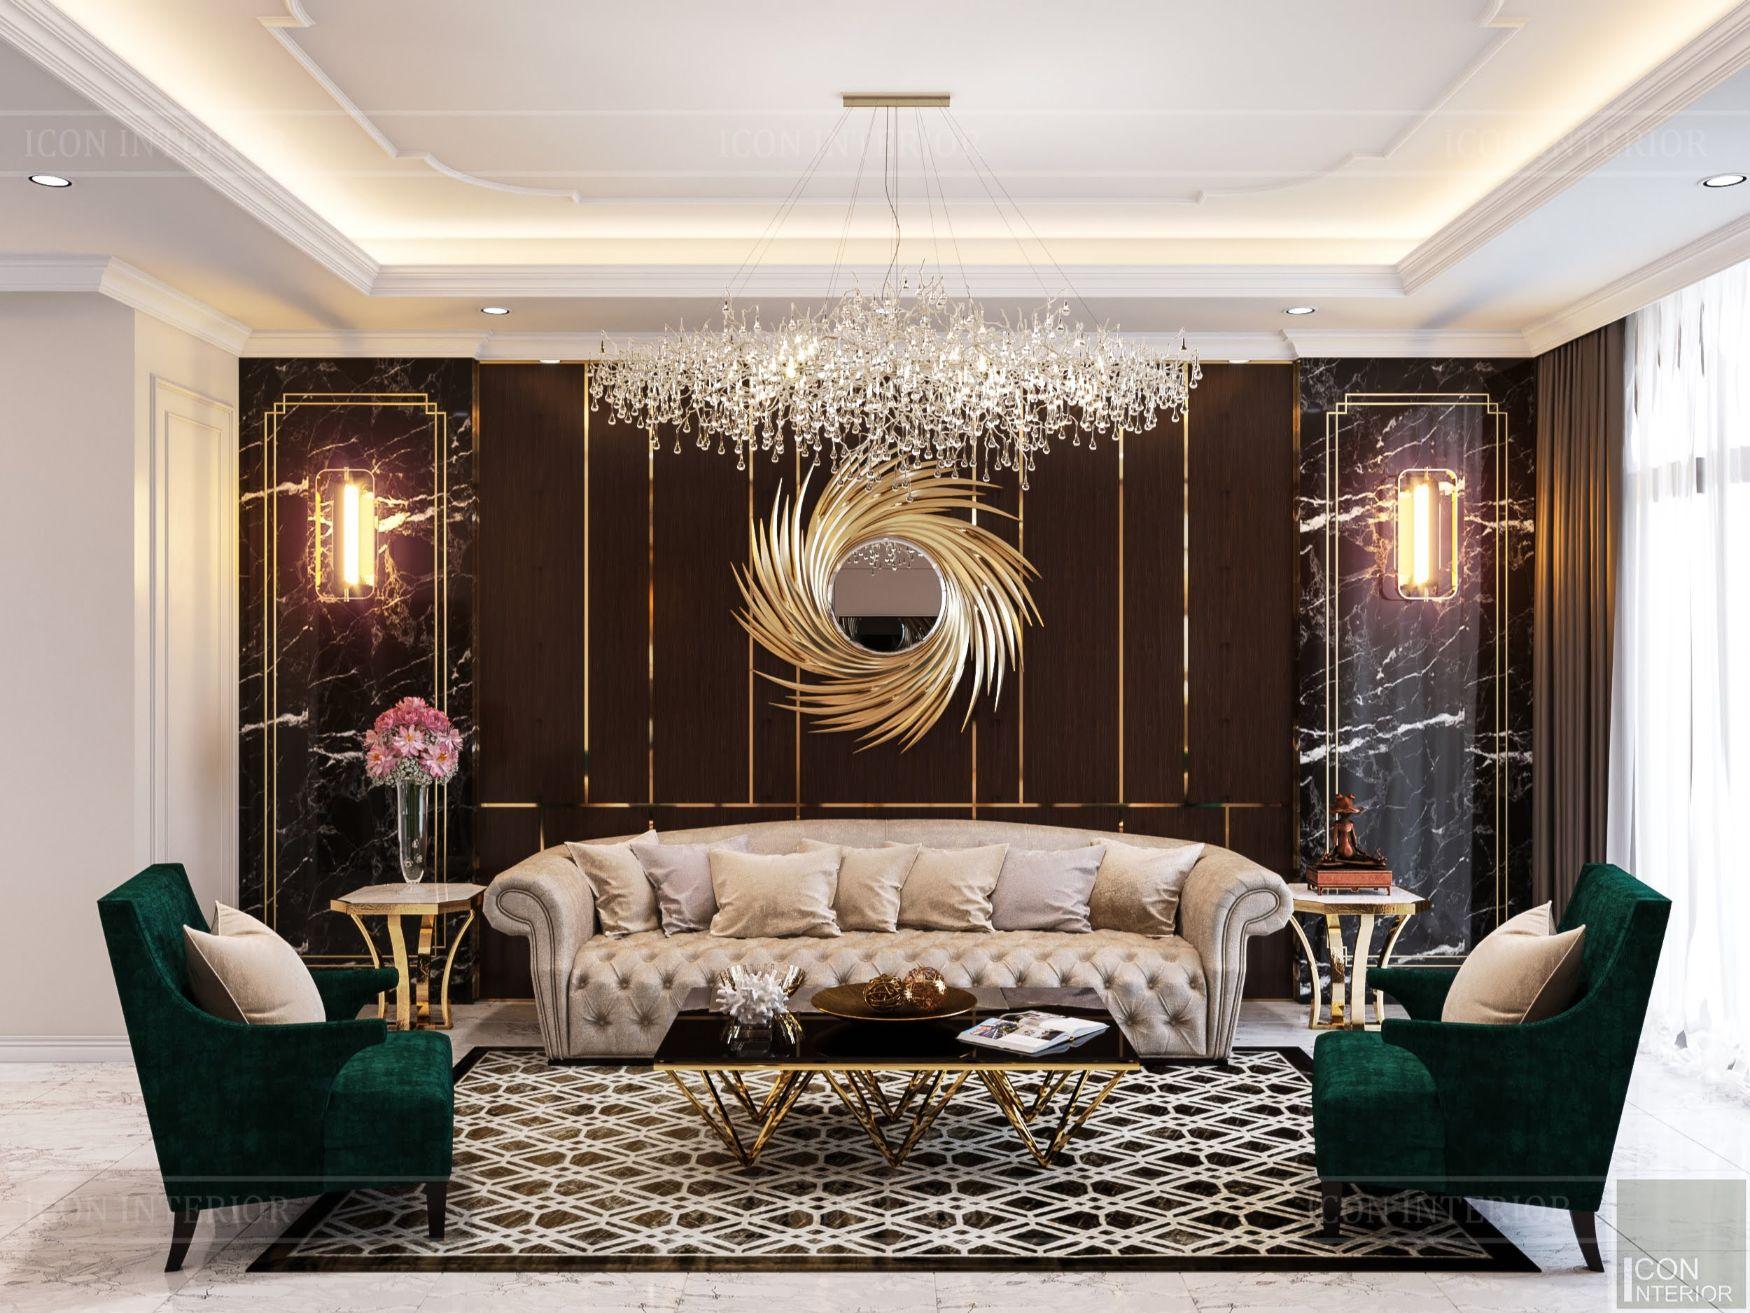 mẫu thiết kế nội thất biệt thự - phòng khách 4